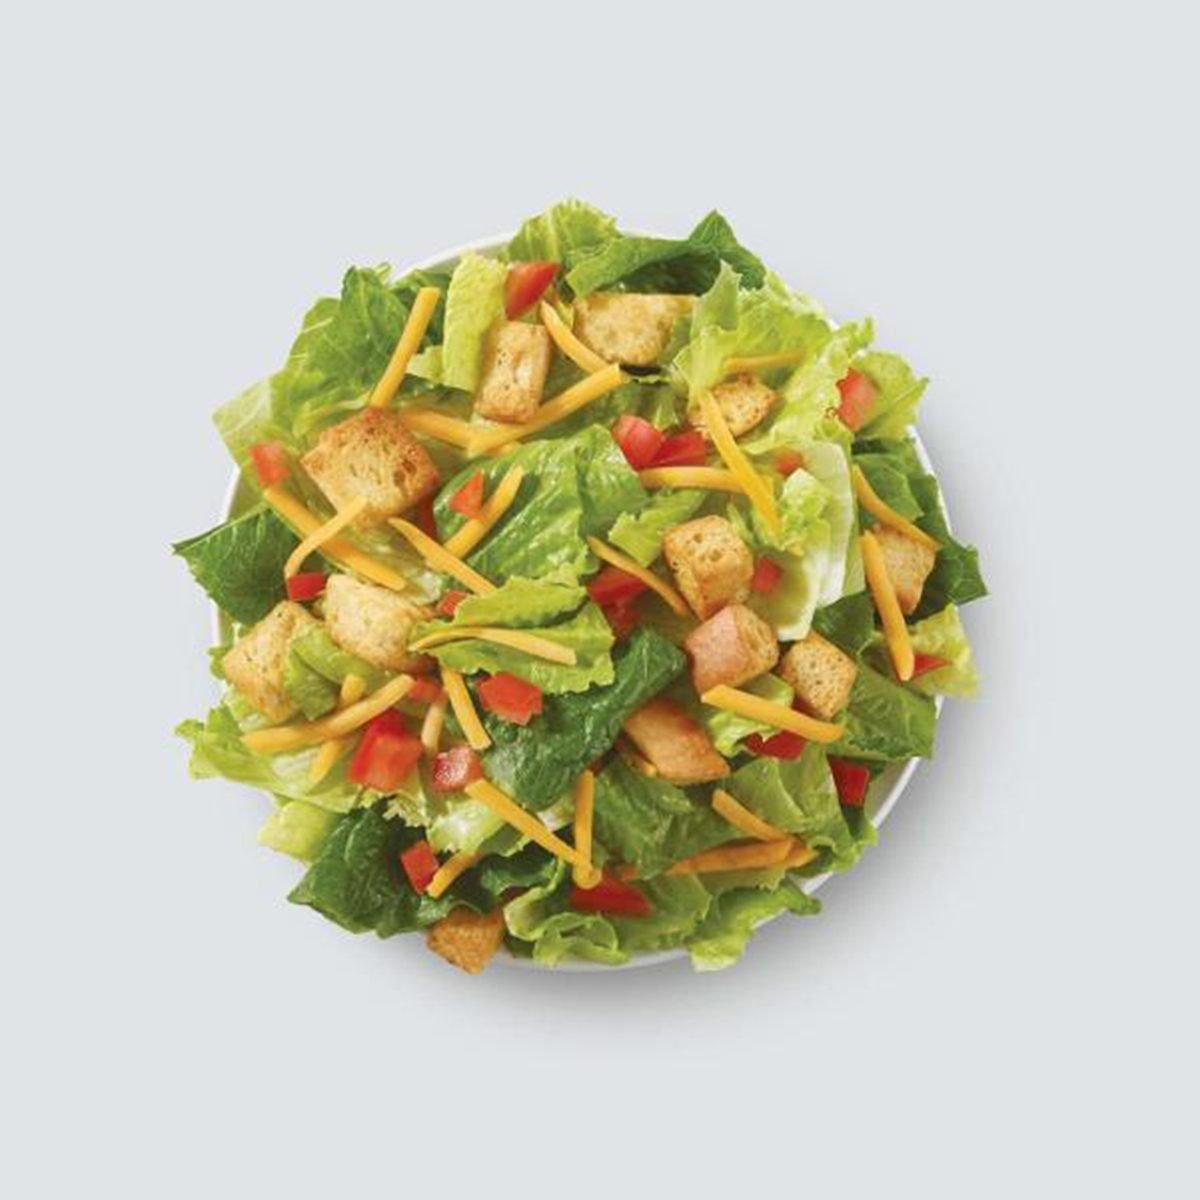 wendys garden side salad